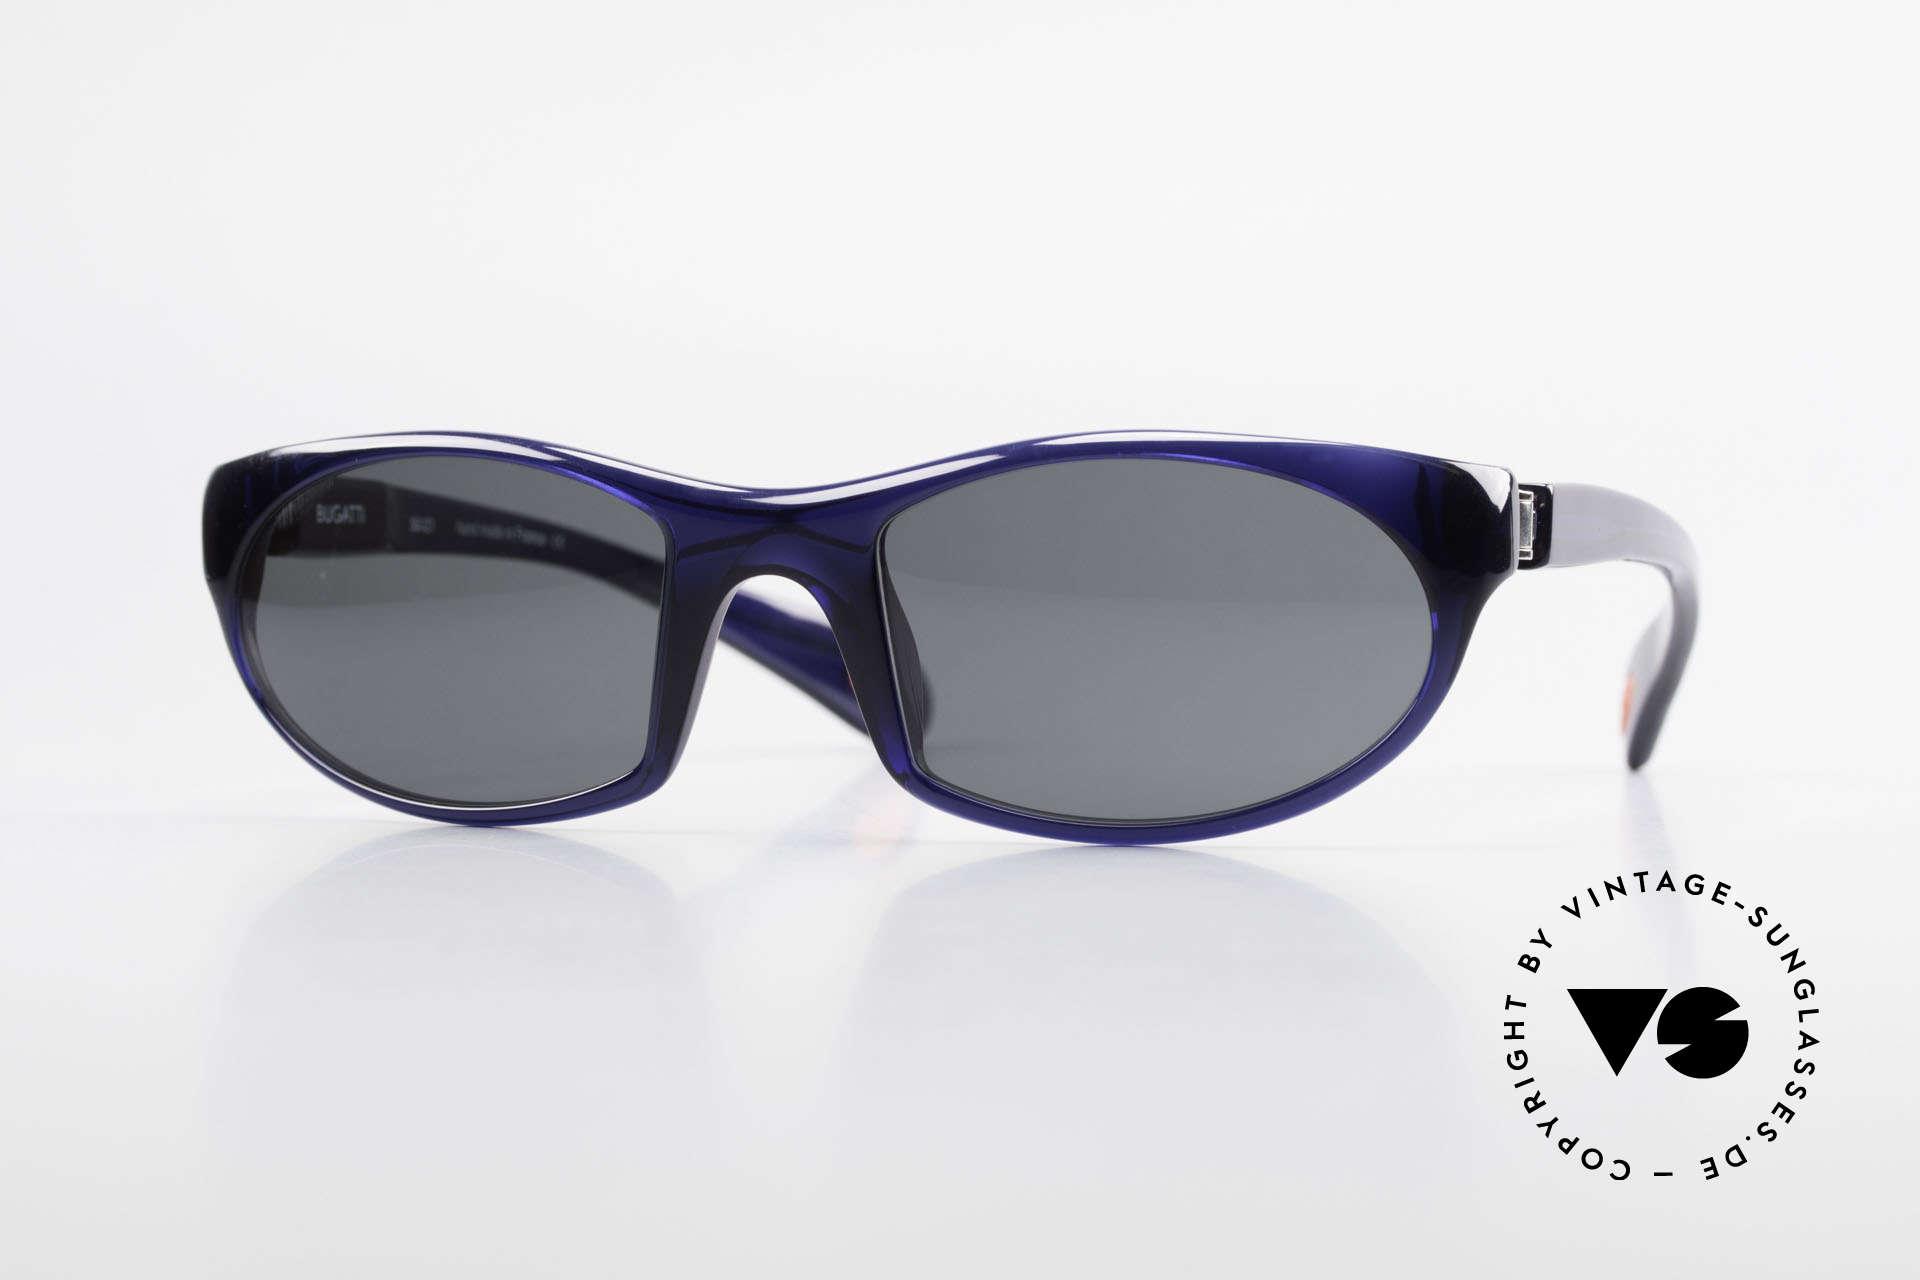 Bugatti 328 Odotype Designer Vintage Sonnenbrille, sportliche high-tech Sonnenbrille von Bugatti, Passend für Herren